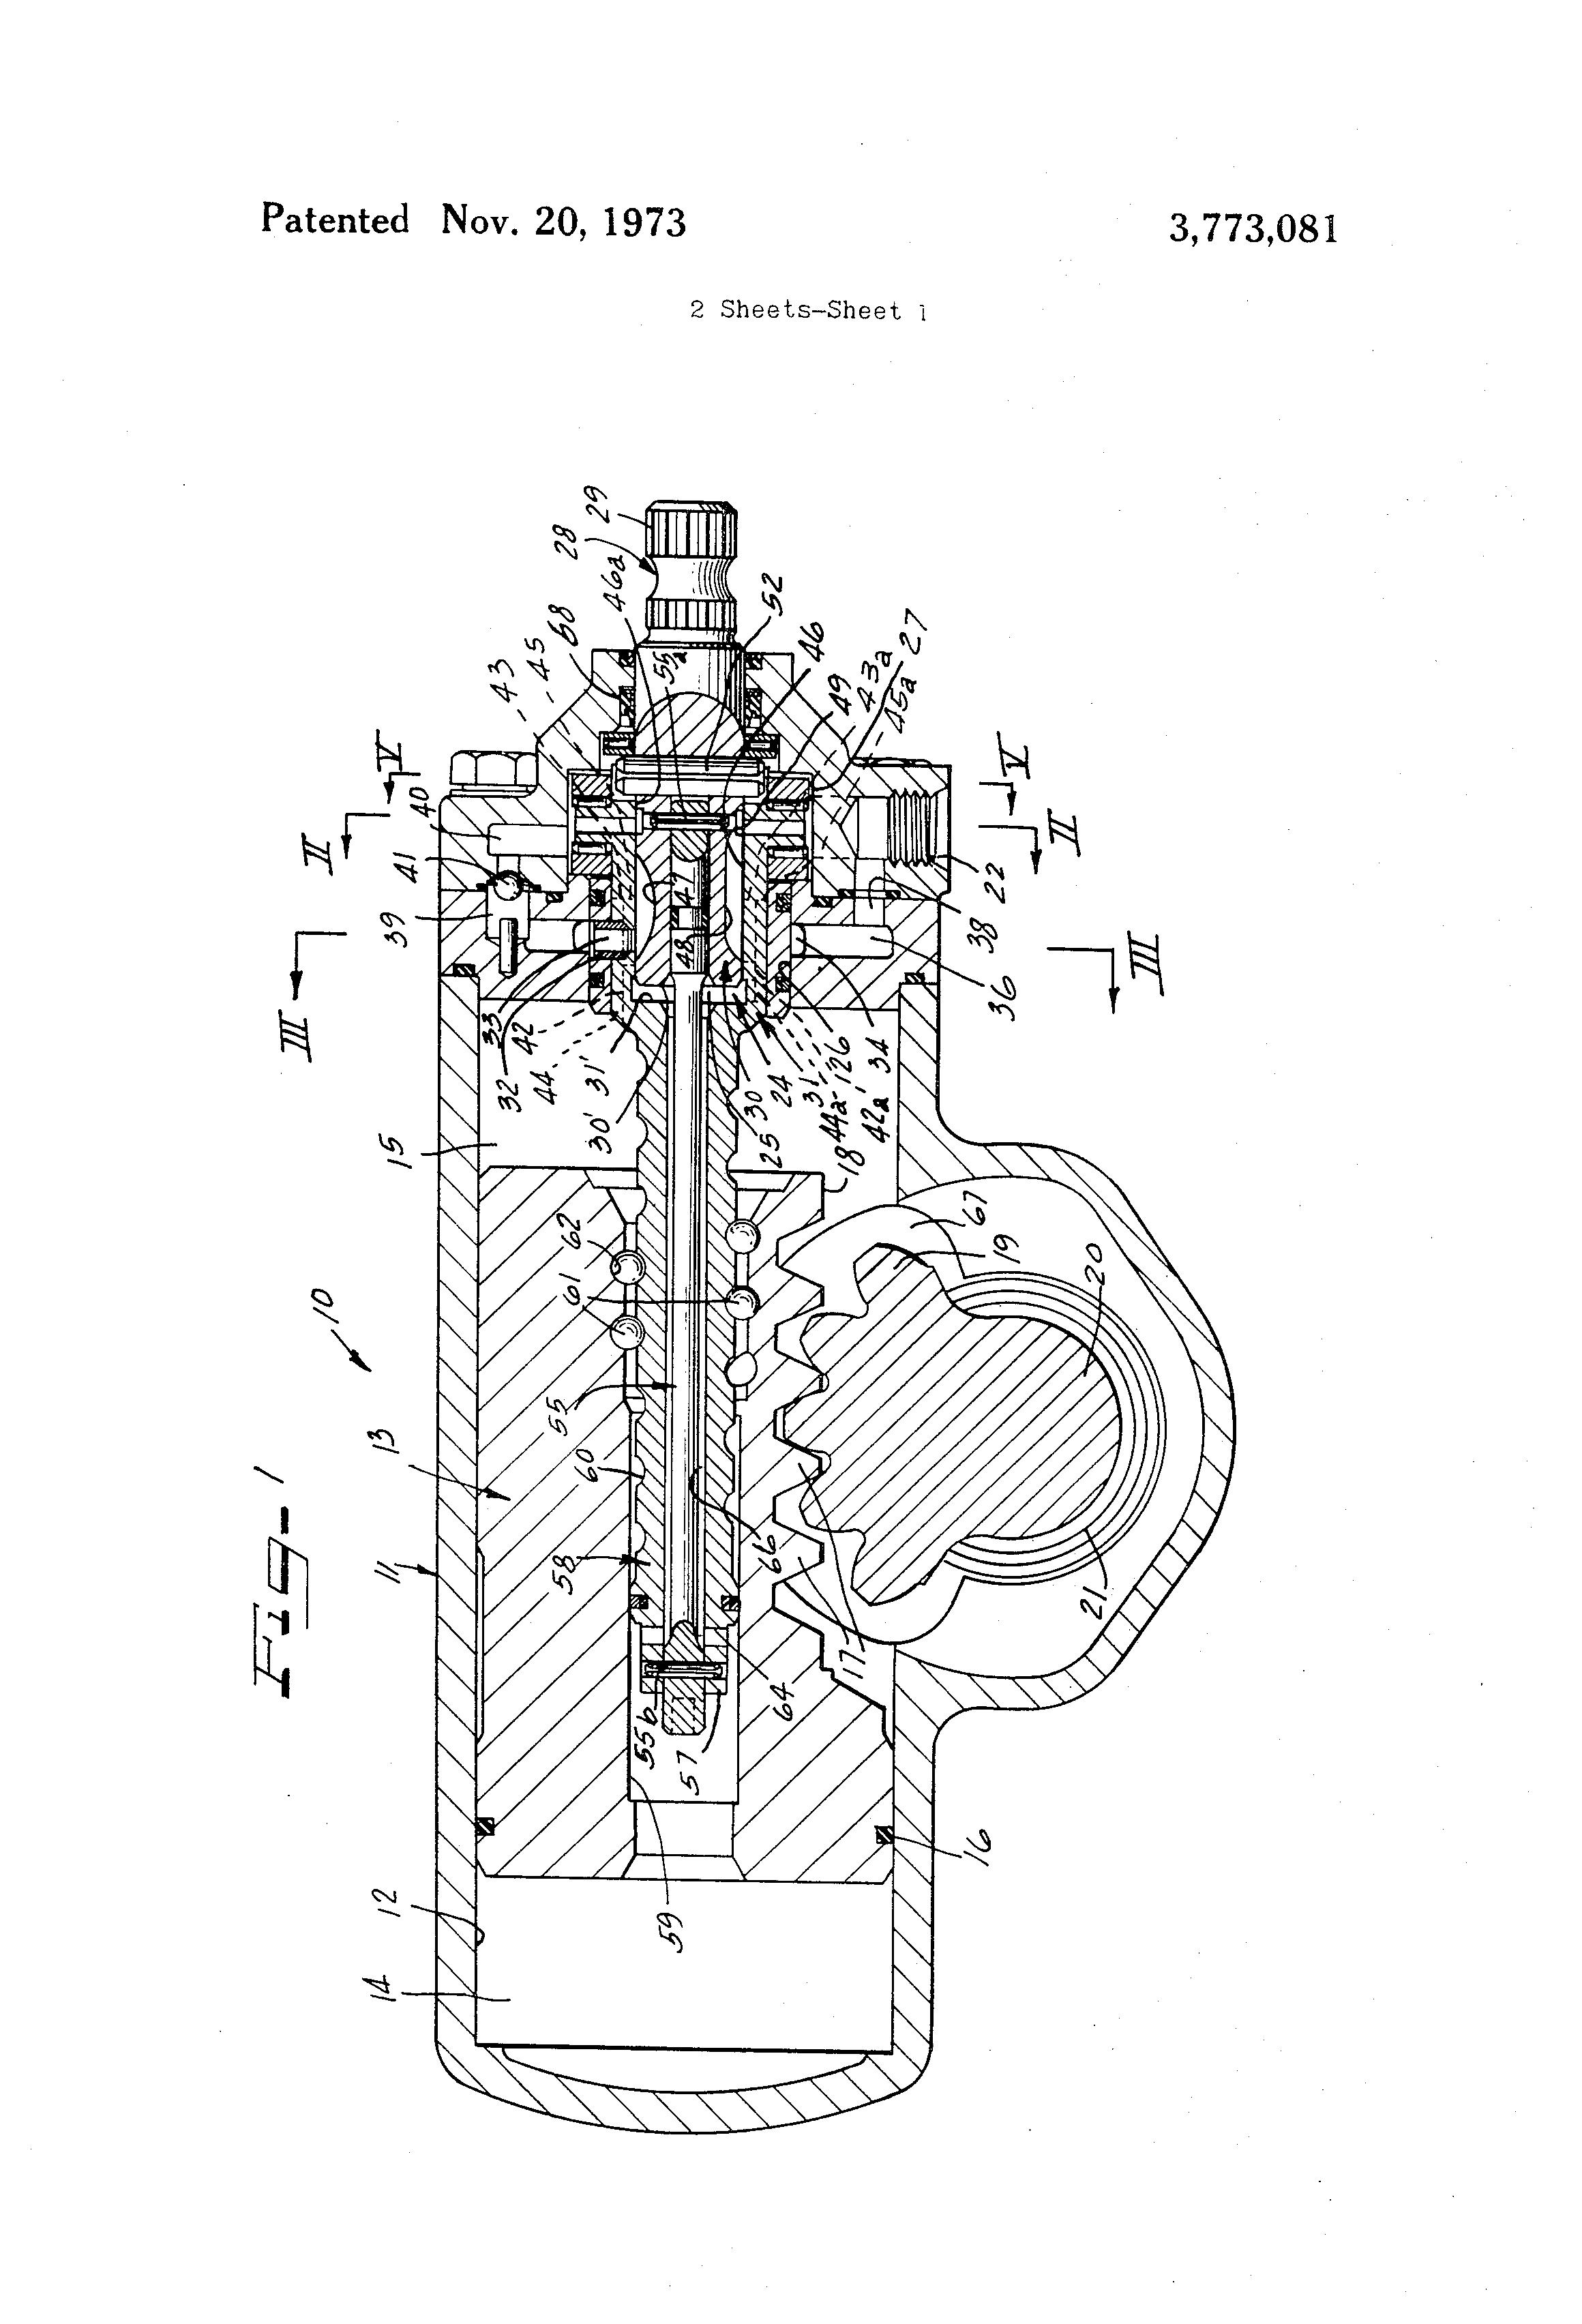 US3773081 1 brevet us3773081 power steering gear assembly google brevets